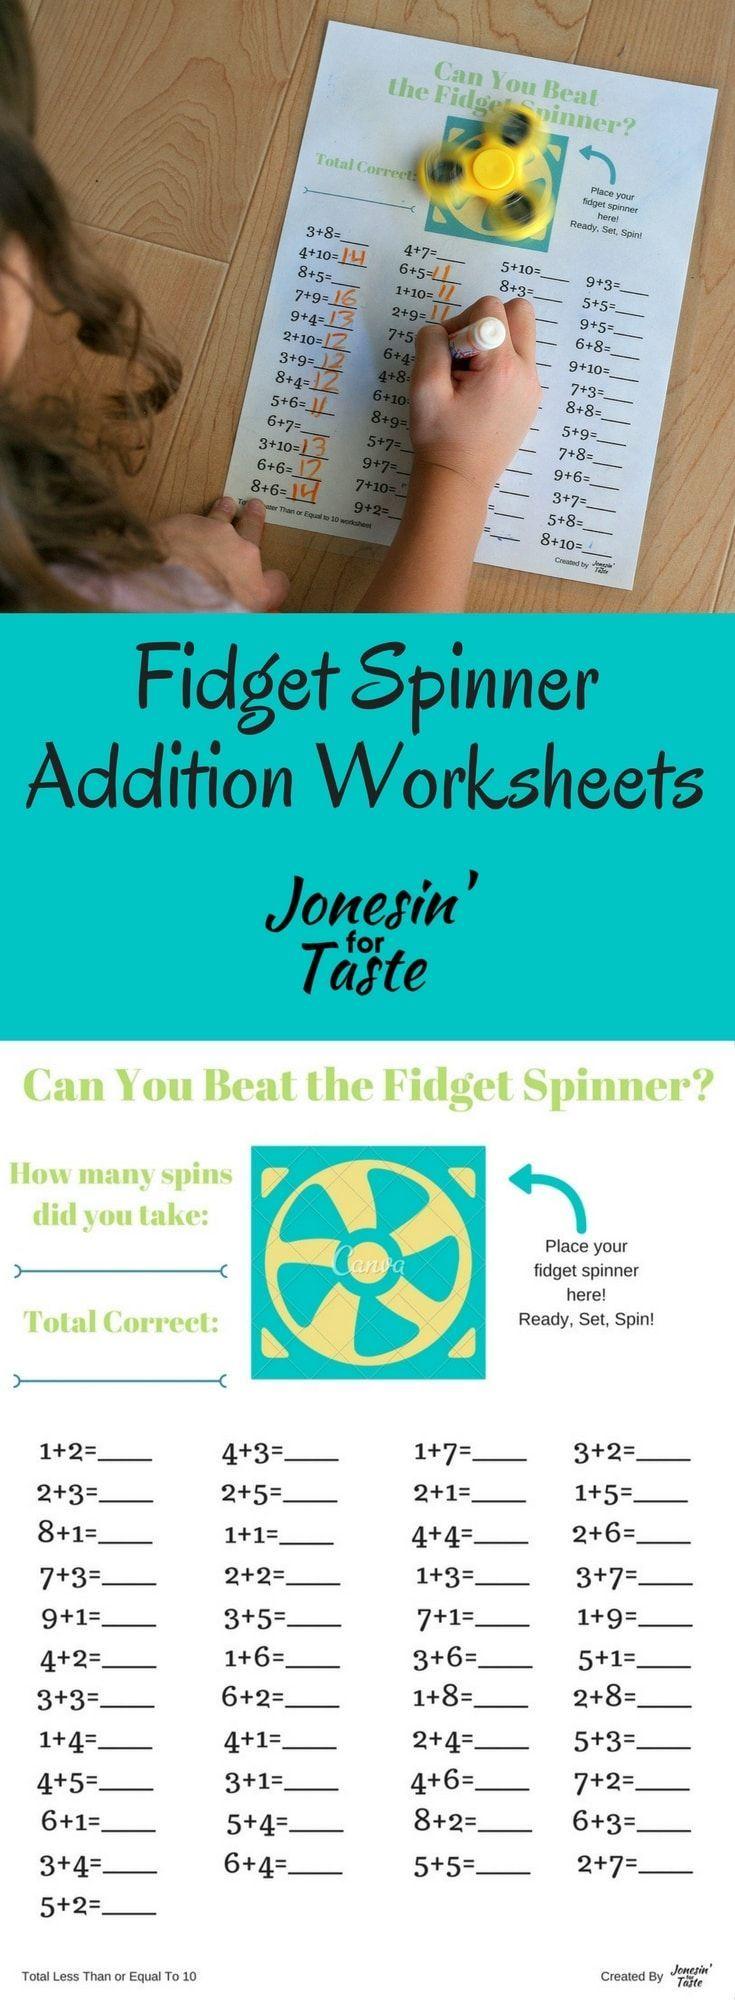 Fidget Spinner Addition Worksheet | Addition worksheets, Math ...